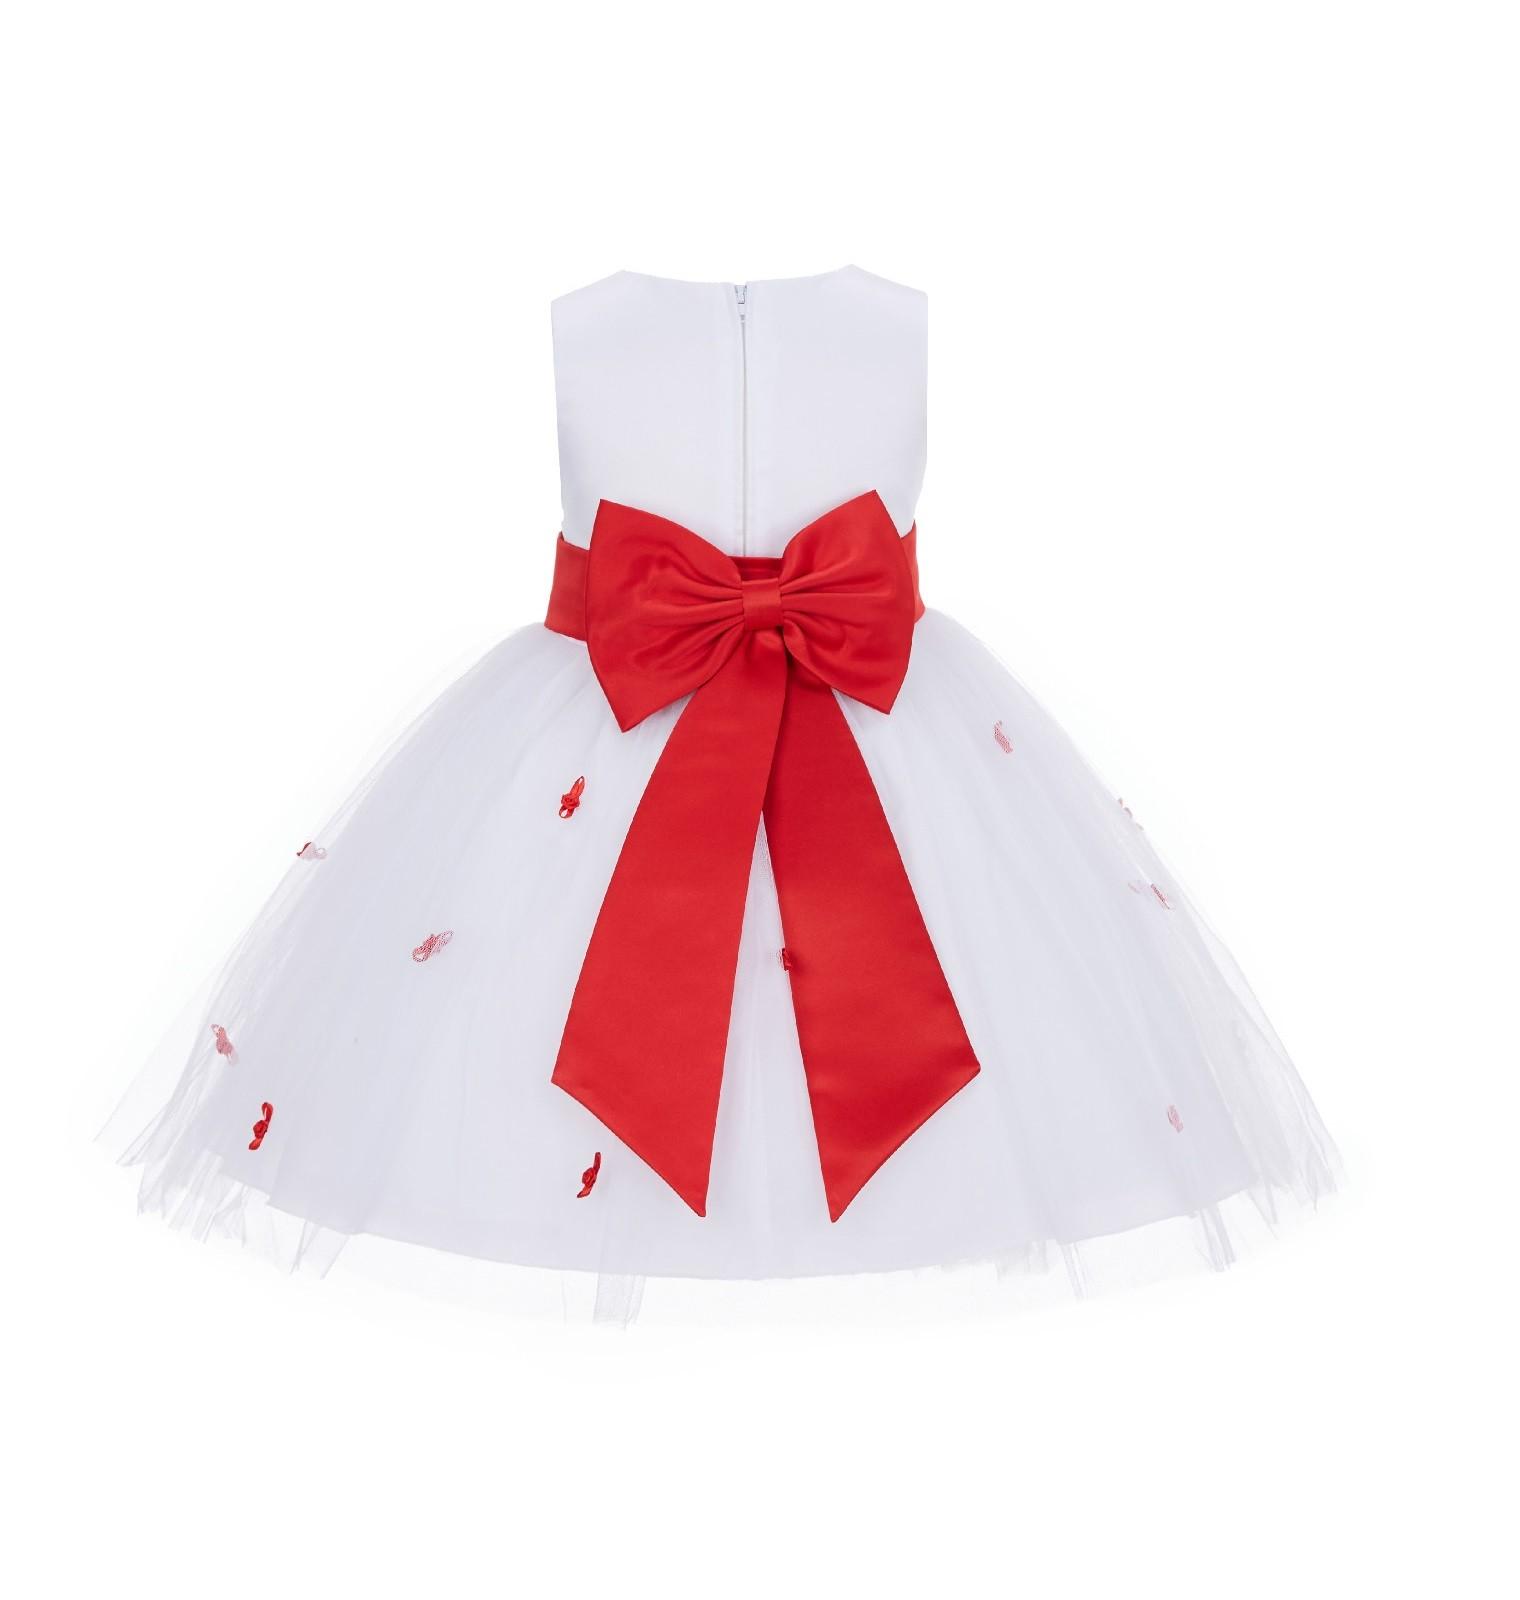 Whitered Rosebuds Satin Tulle Flower Girl Dress Events 815t White